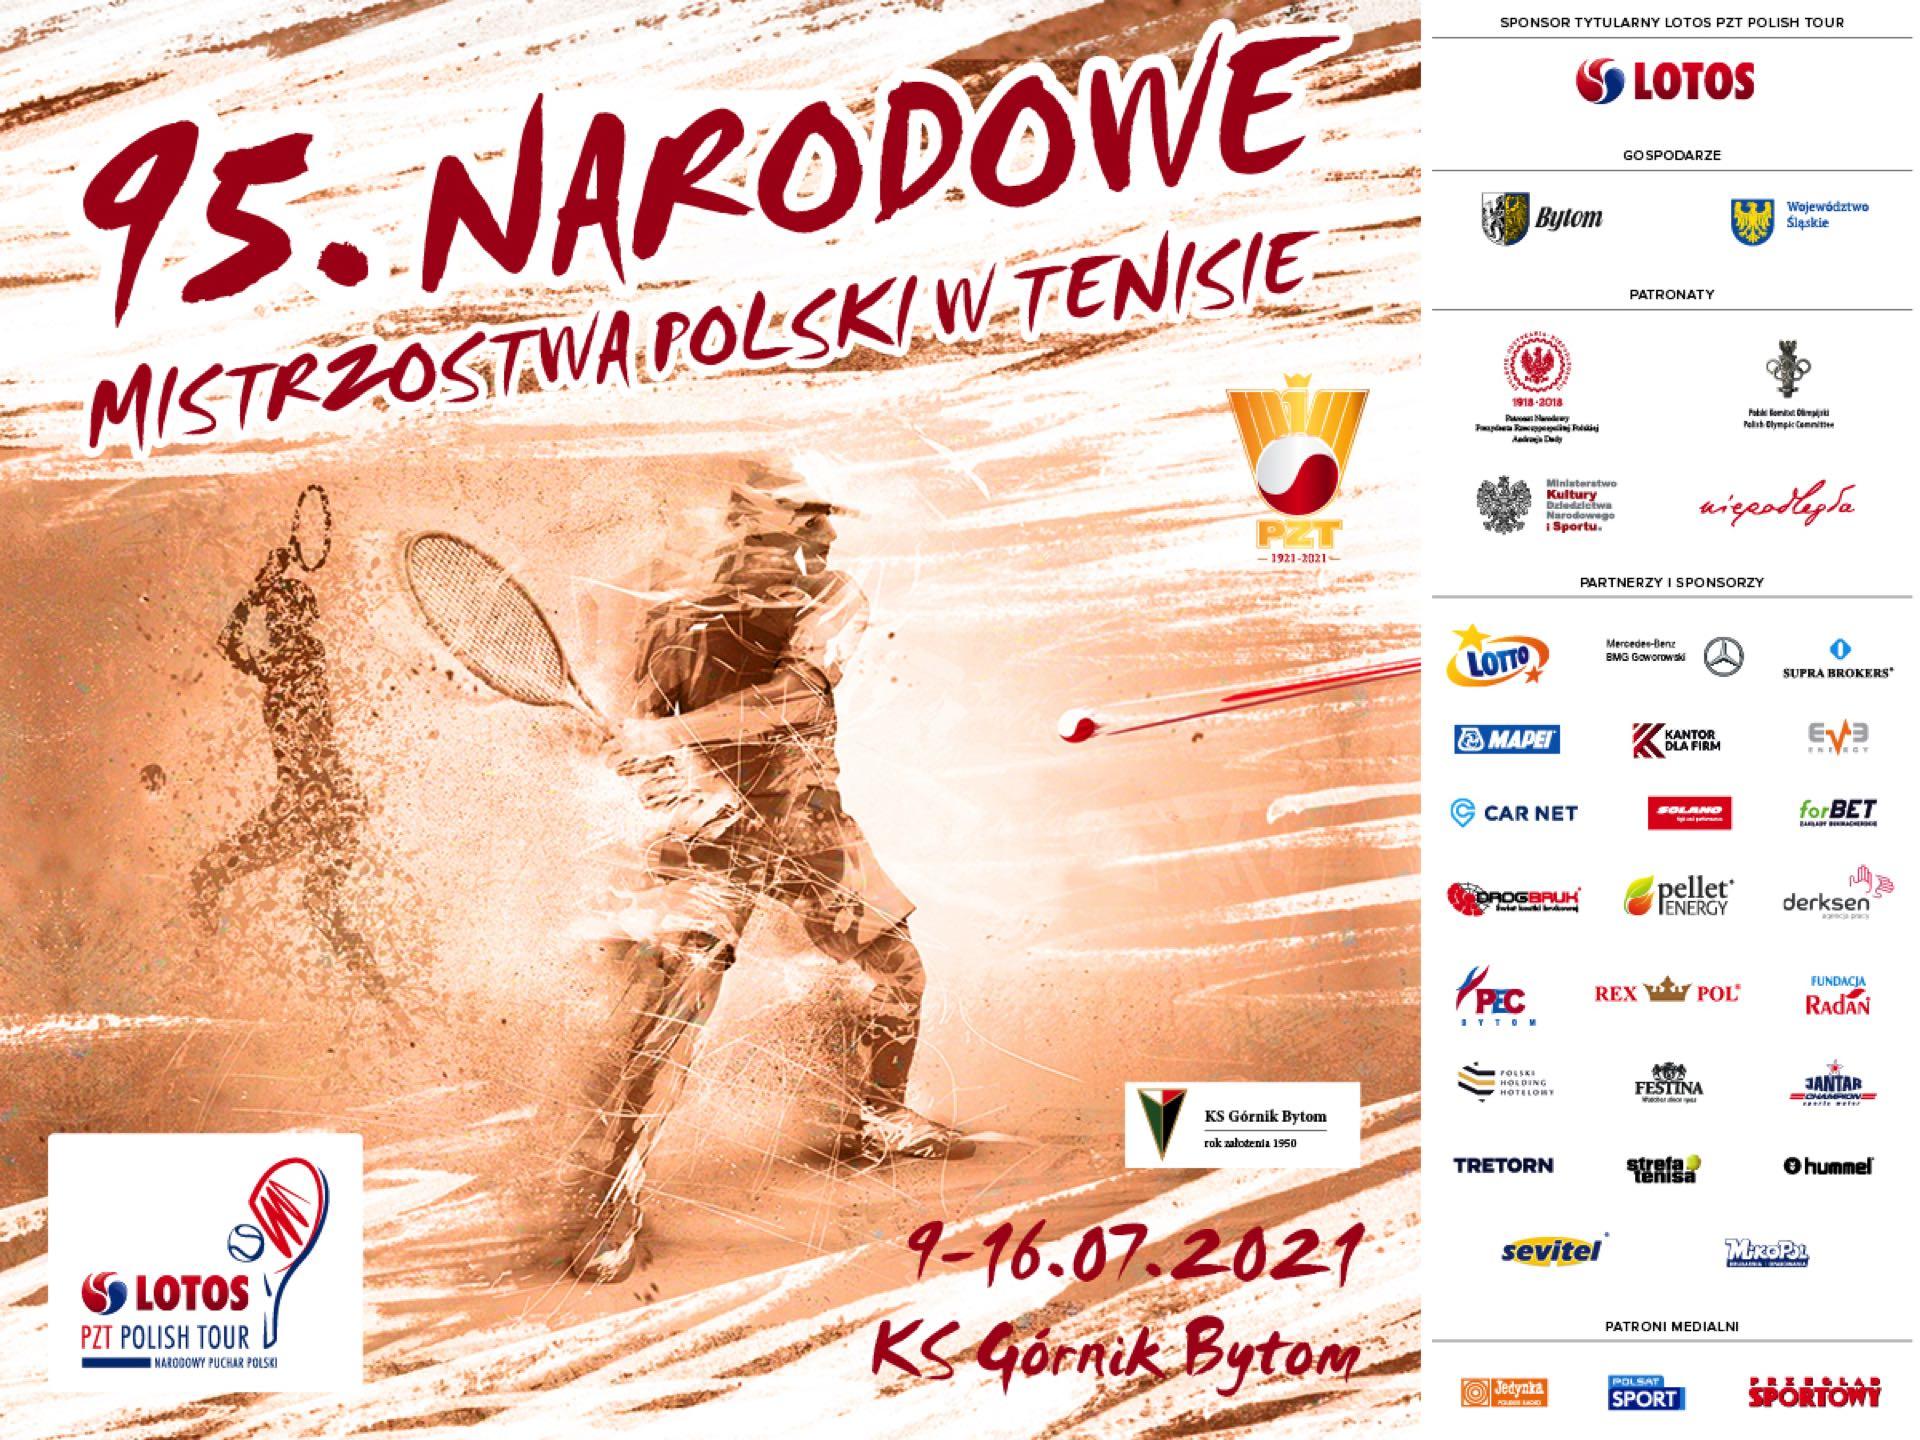 Rozpoczynamy 95. Narodowe Mistrzostwa Polski w Bytomiu